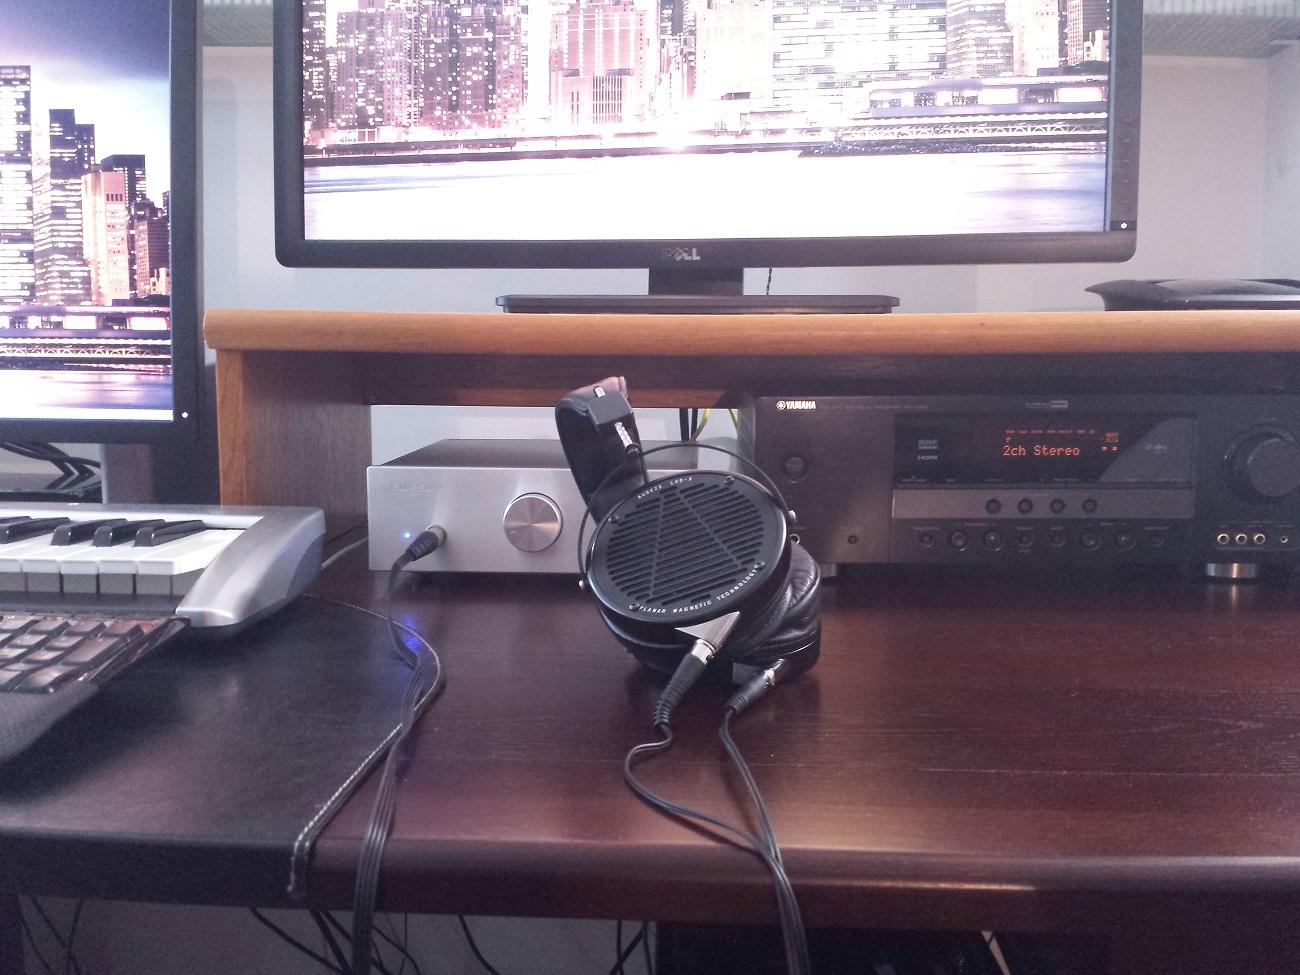 Audeze LCD-X headphone amp